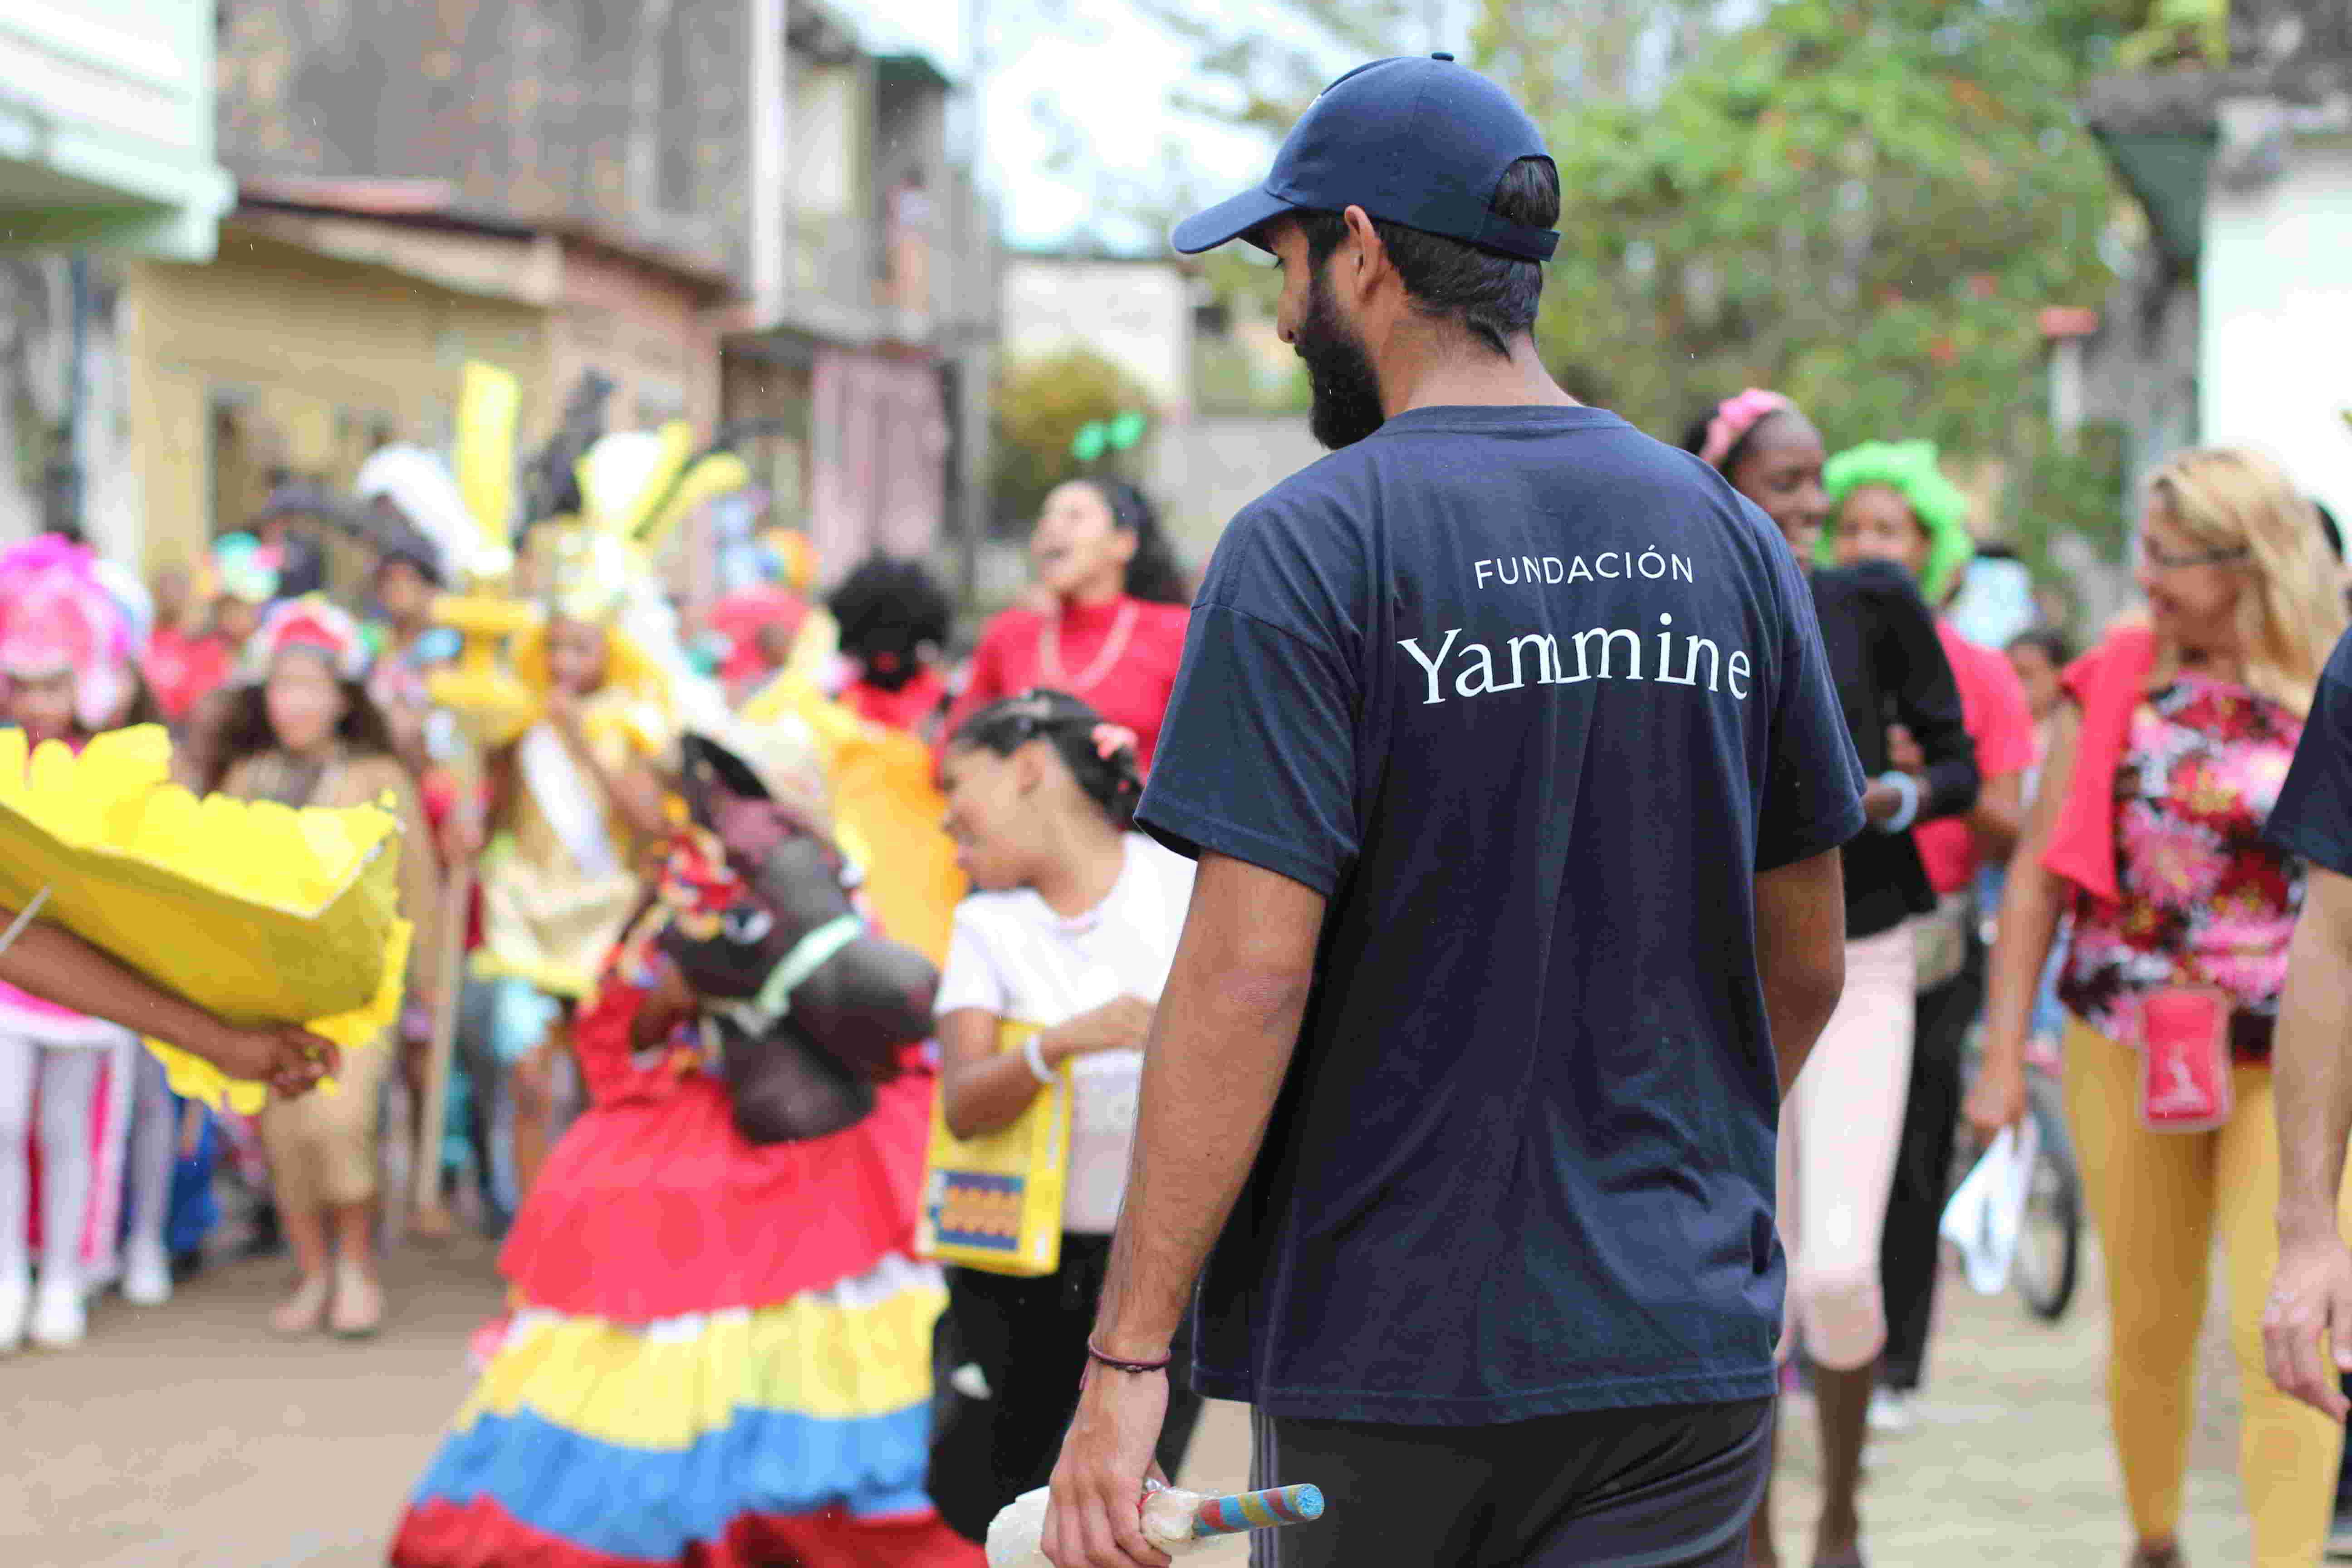 Los niños de Chuspa disfrutaron su carnaval con el respaldo de la Fundación Yammine